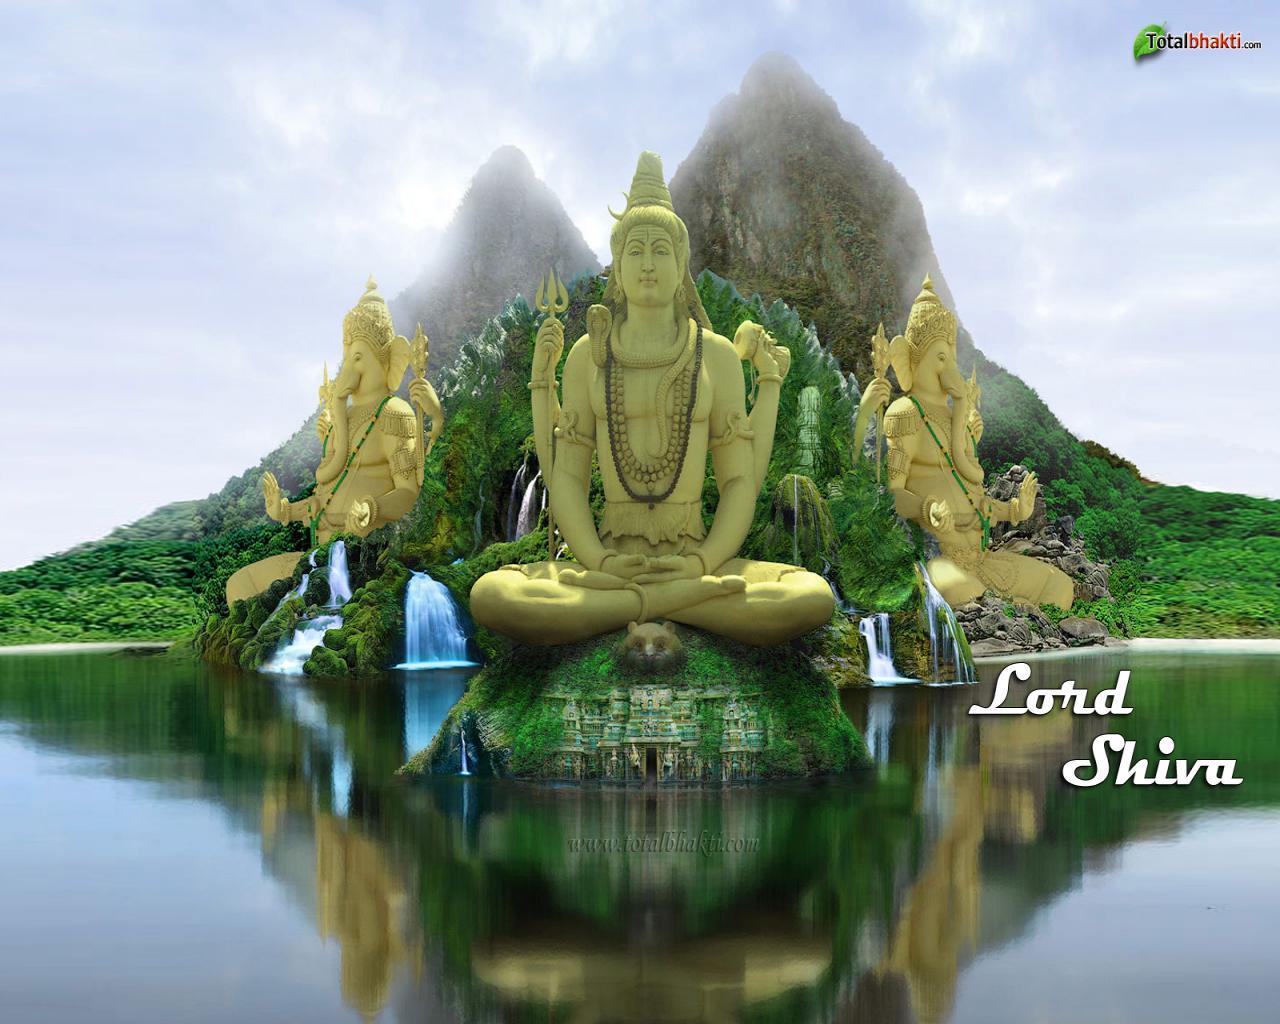 Lord Shiva Hd Wallpapers For Pc Helptoanother Maha Shivaratri 2013 Shivaratri Images